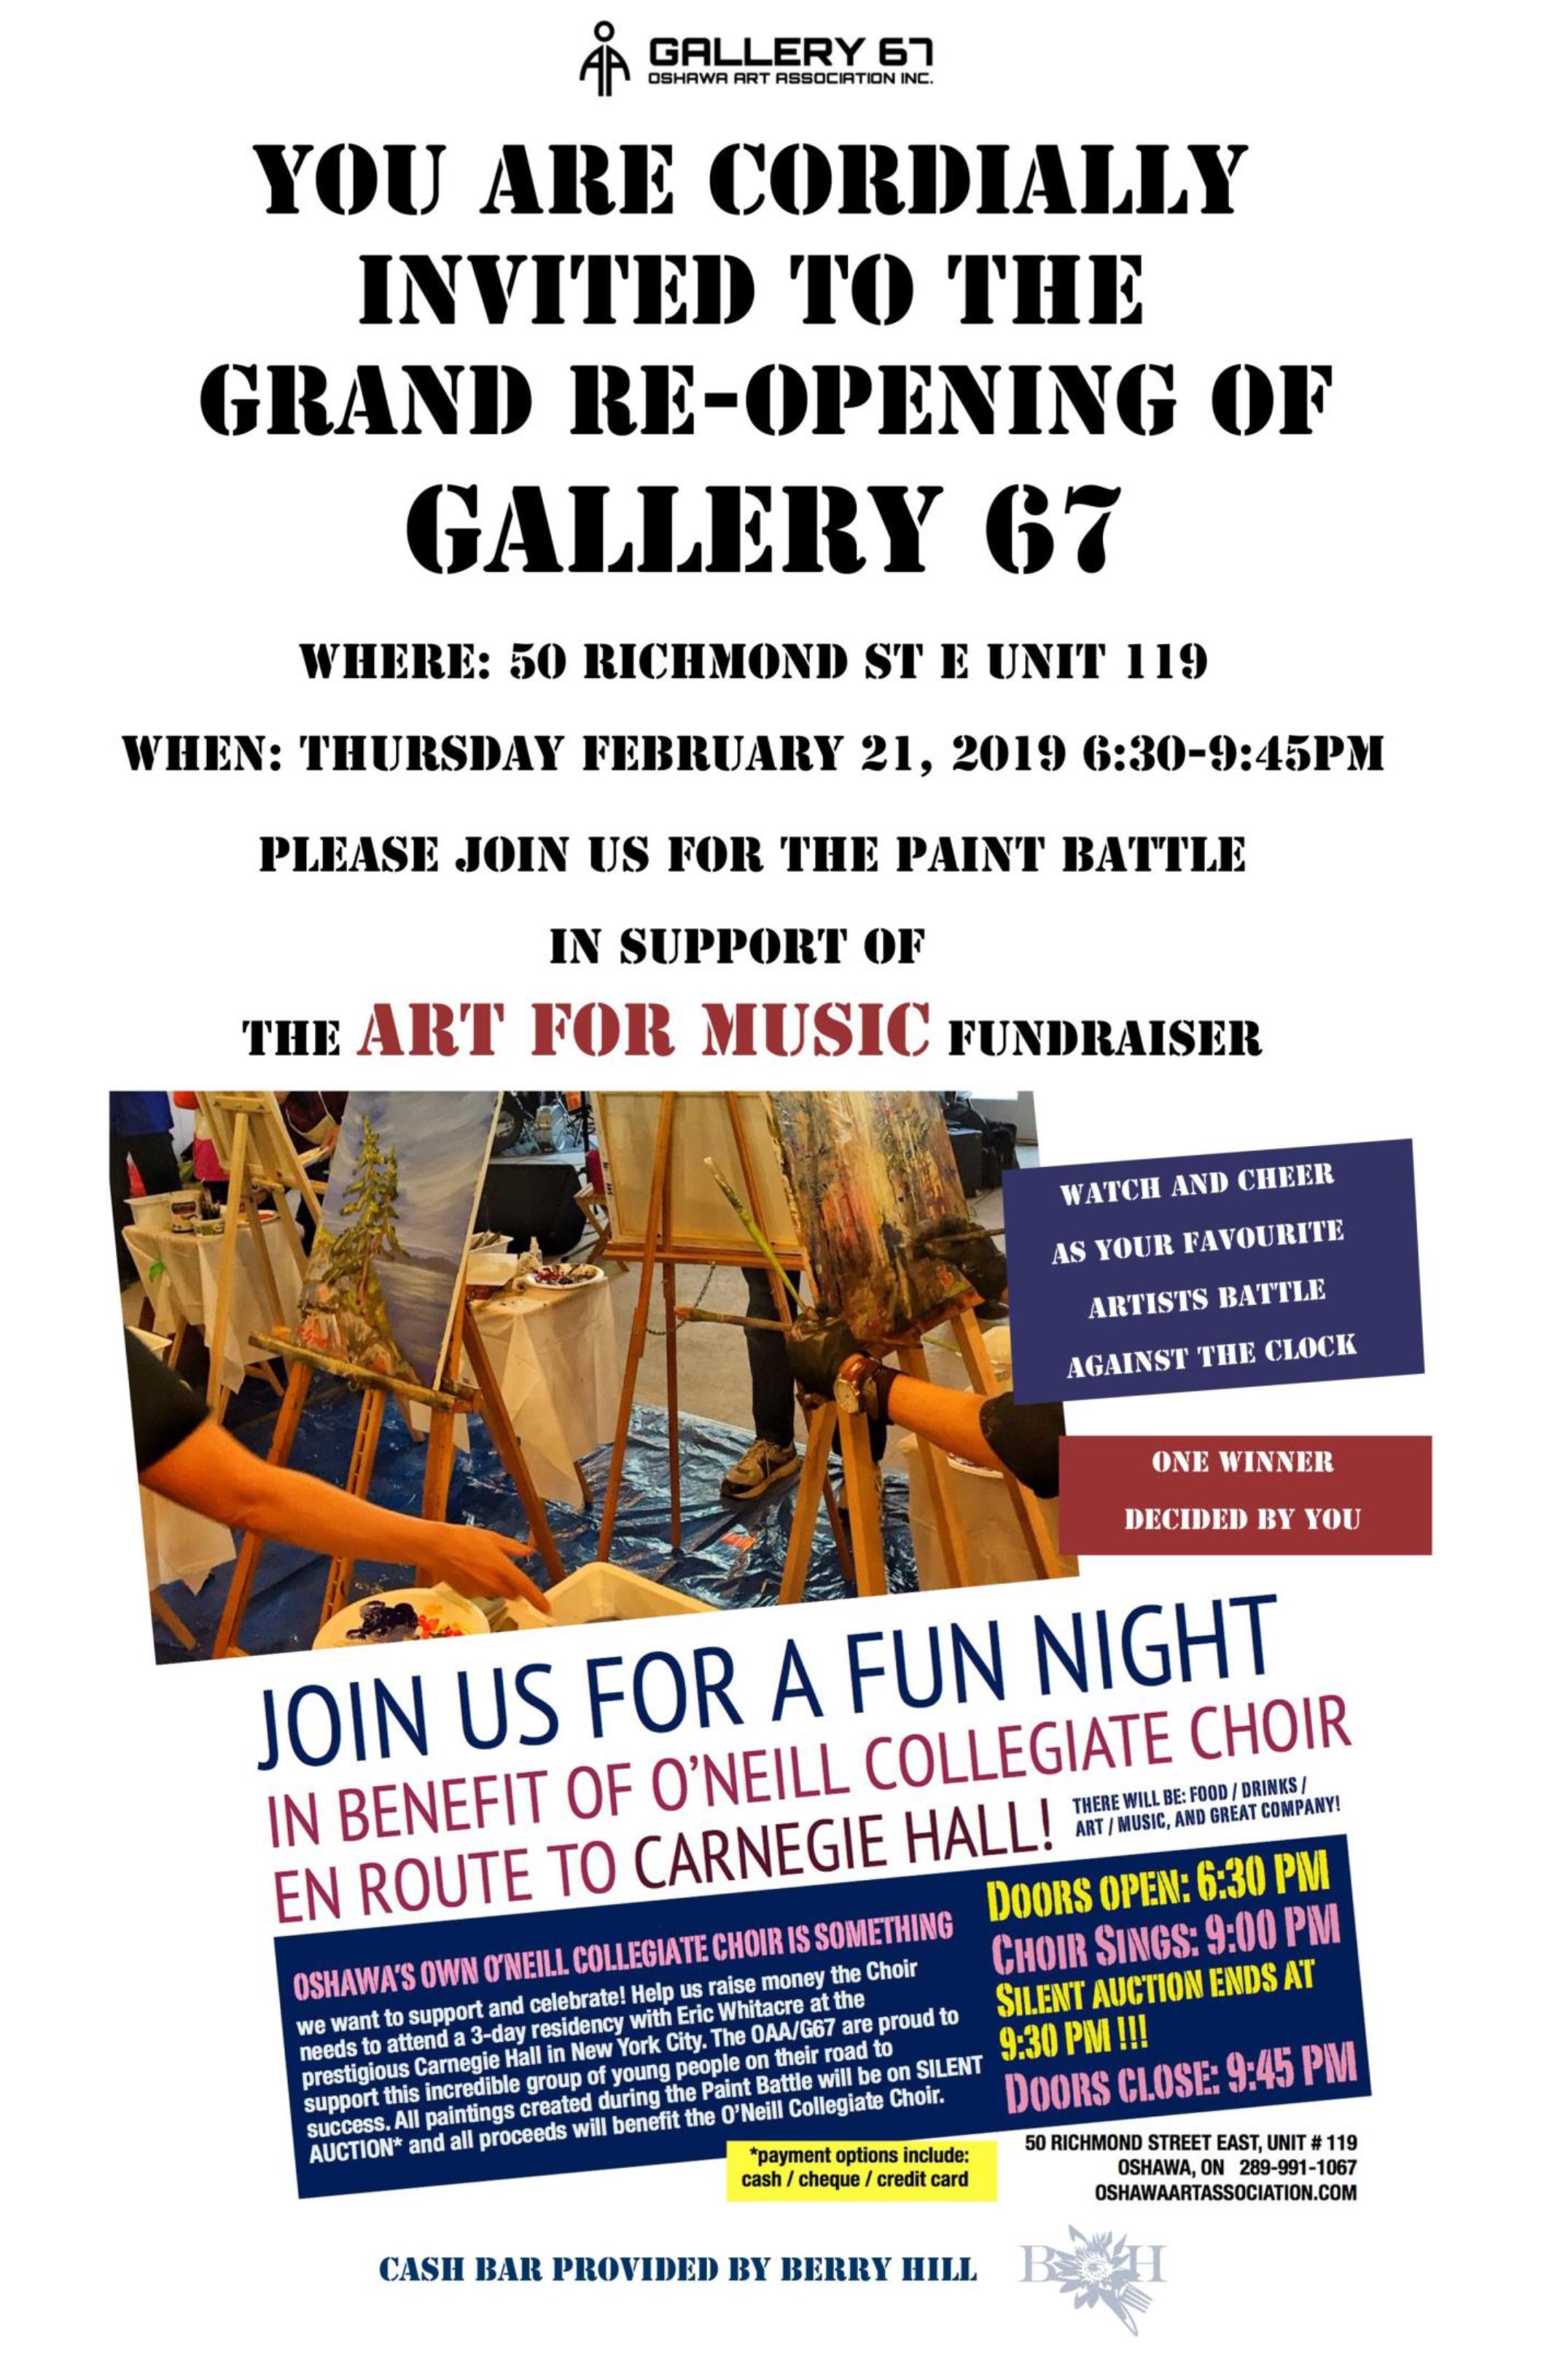 G67 invitation.jpg